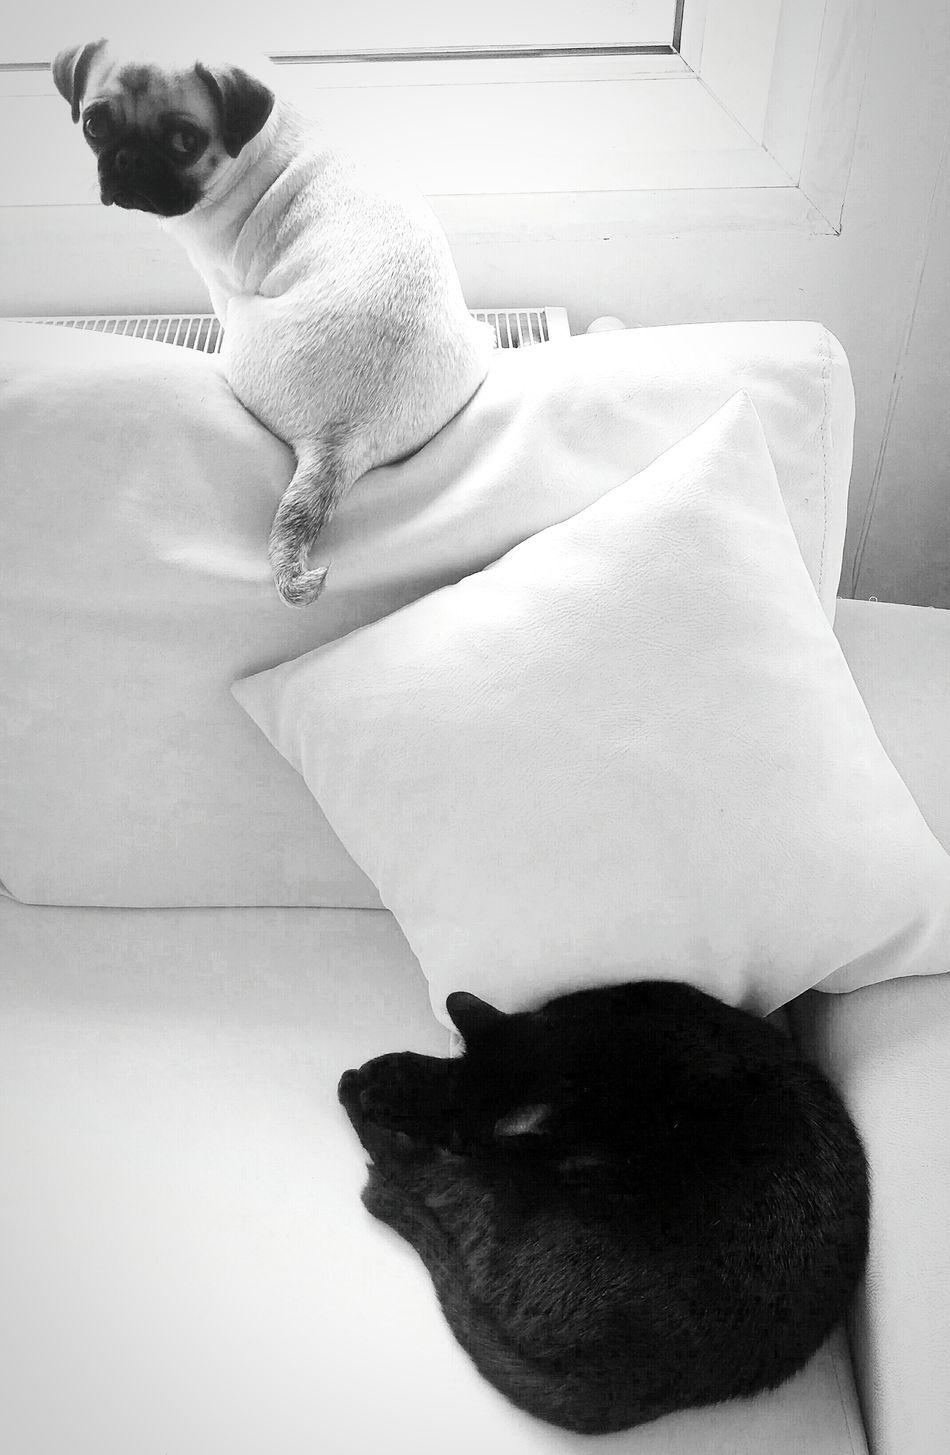 Pugandcat Pug Life  Pugs Pug Love Things ı Like Blackandwhite Black & White Blackandwhite Photography Blackandwhitephotography Black&white